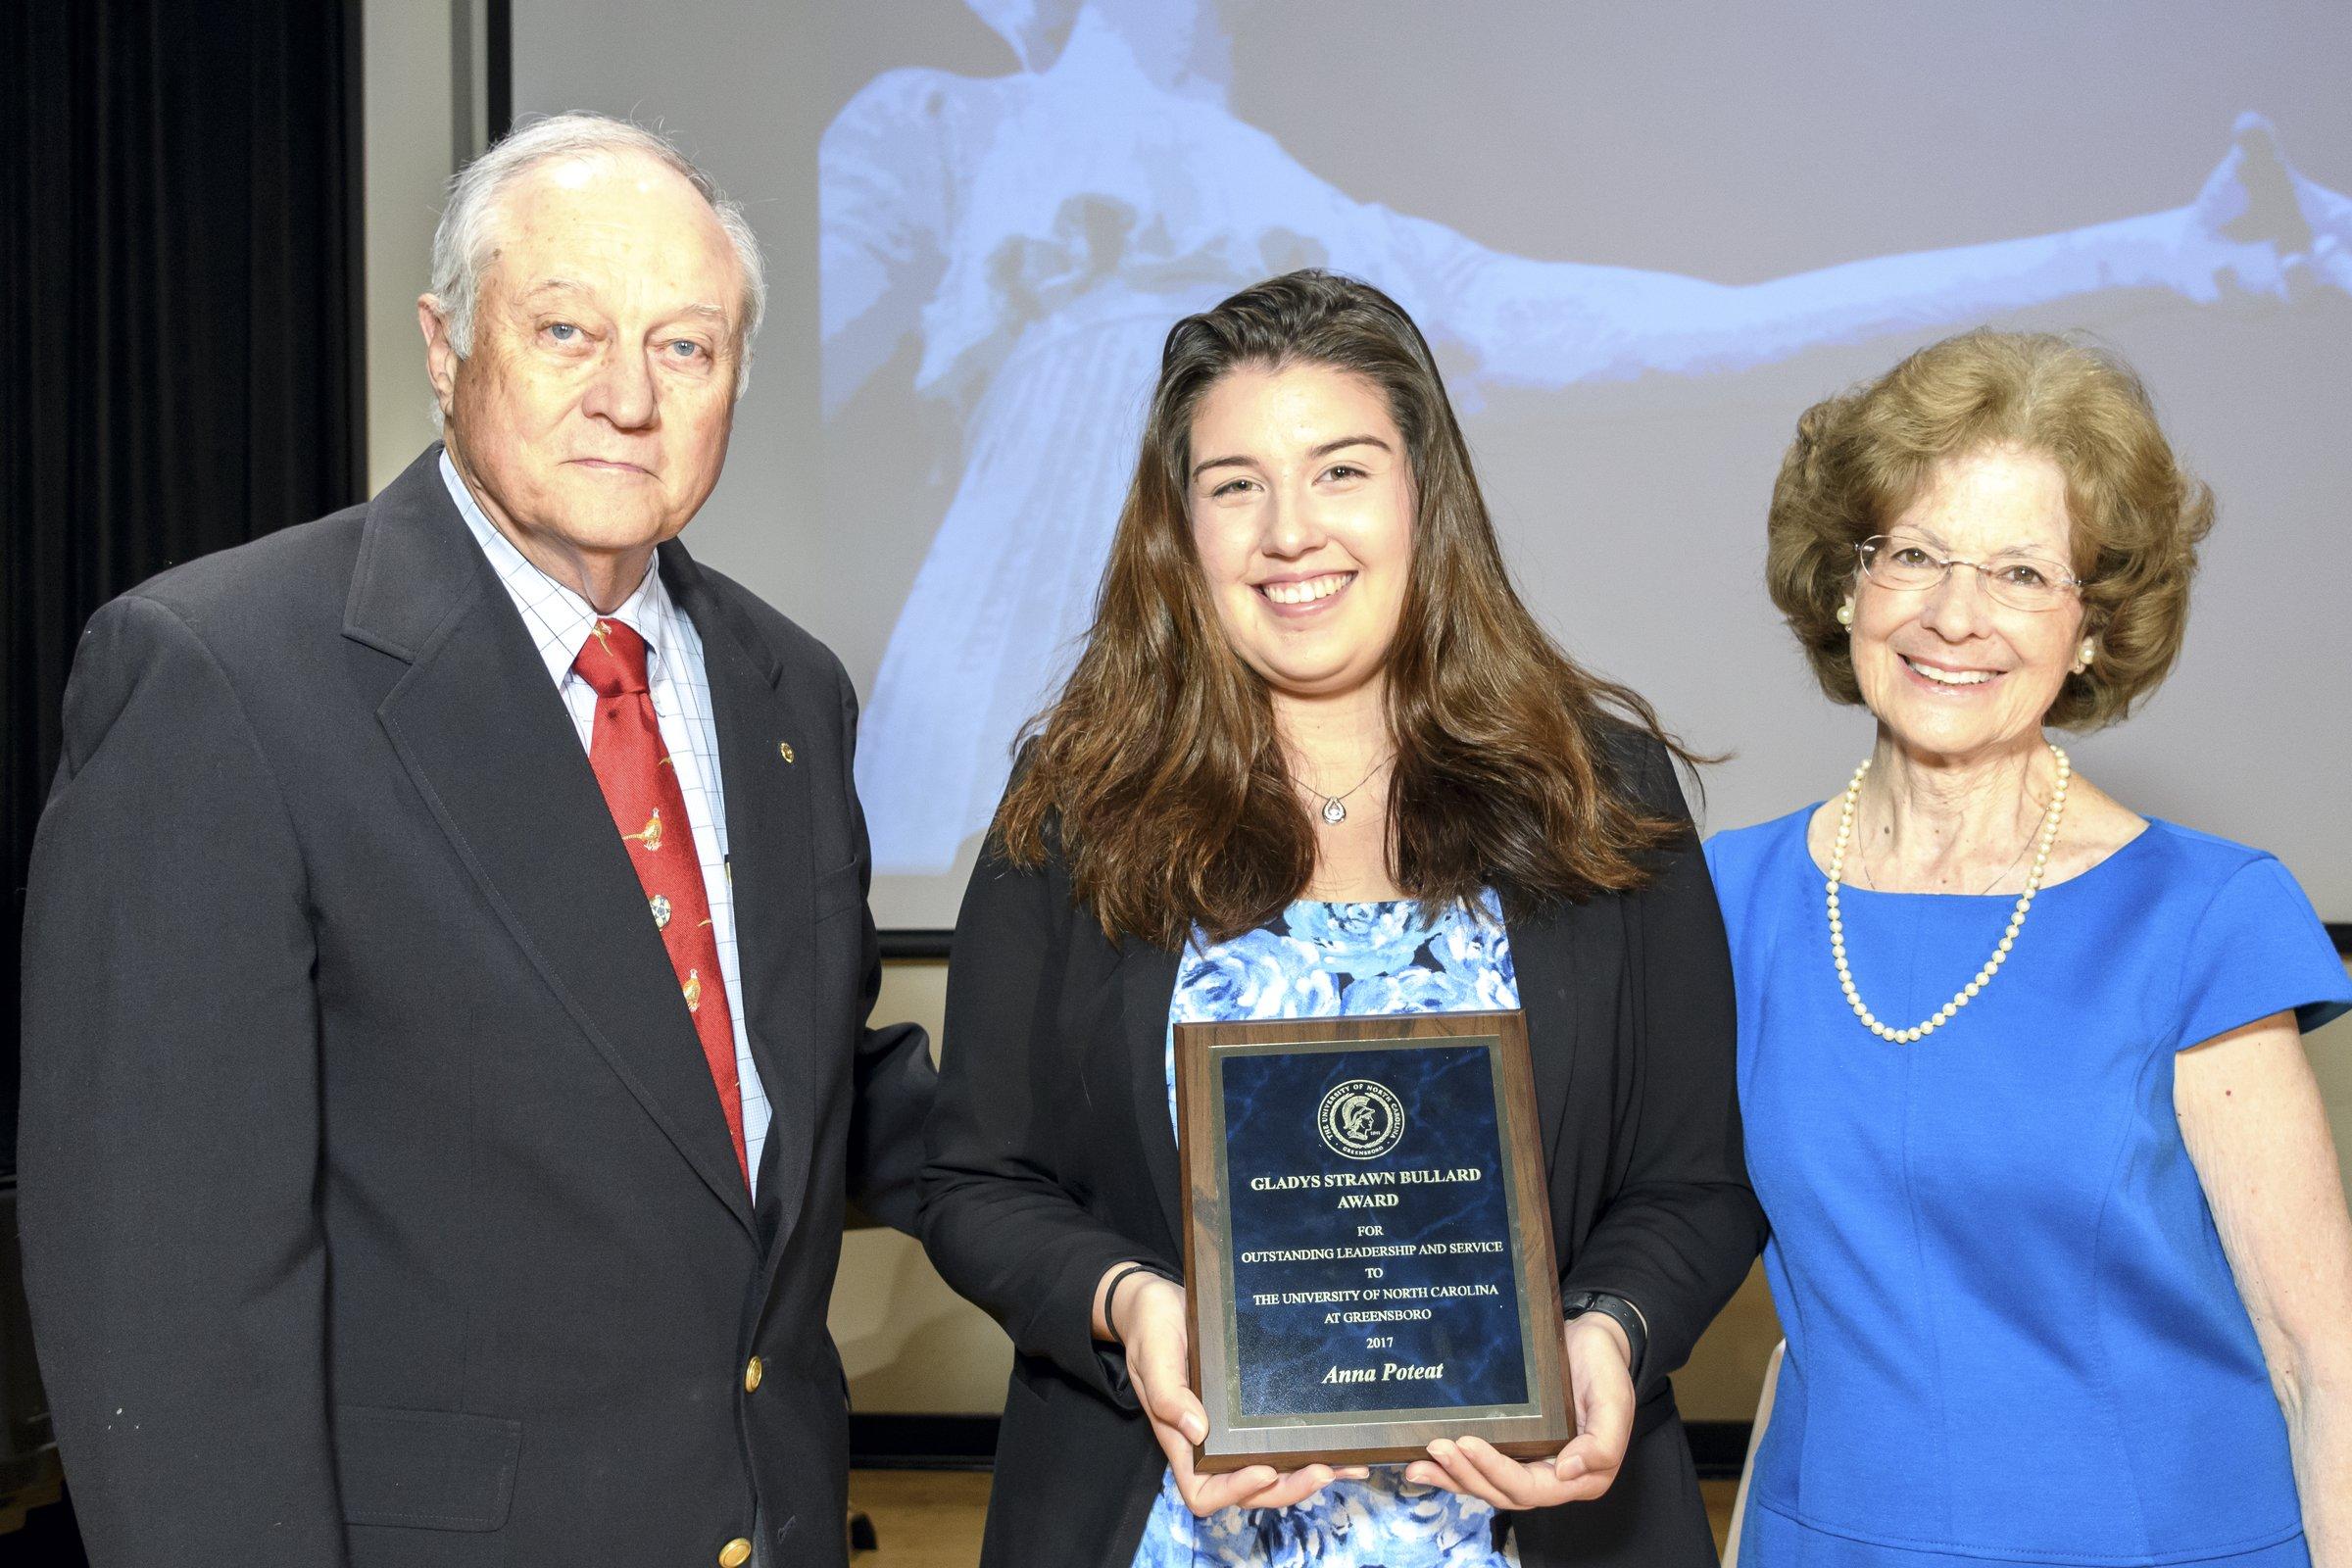 Photo of female award recipient